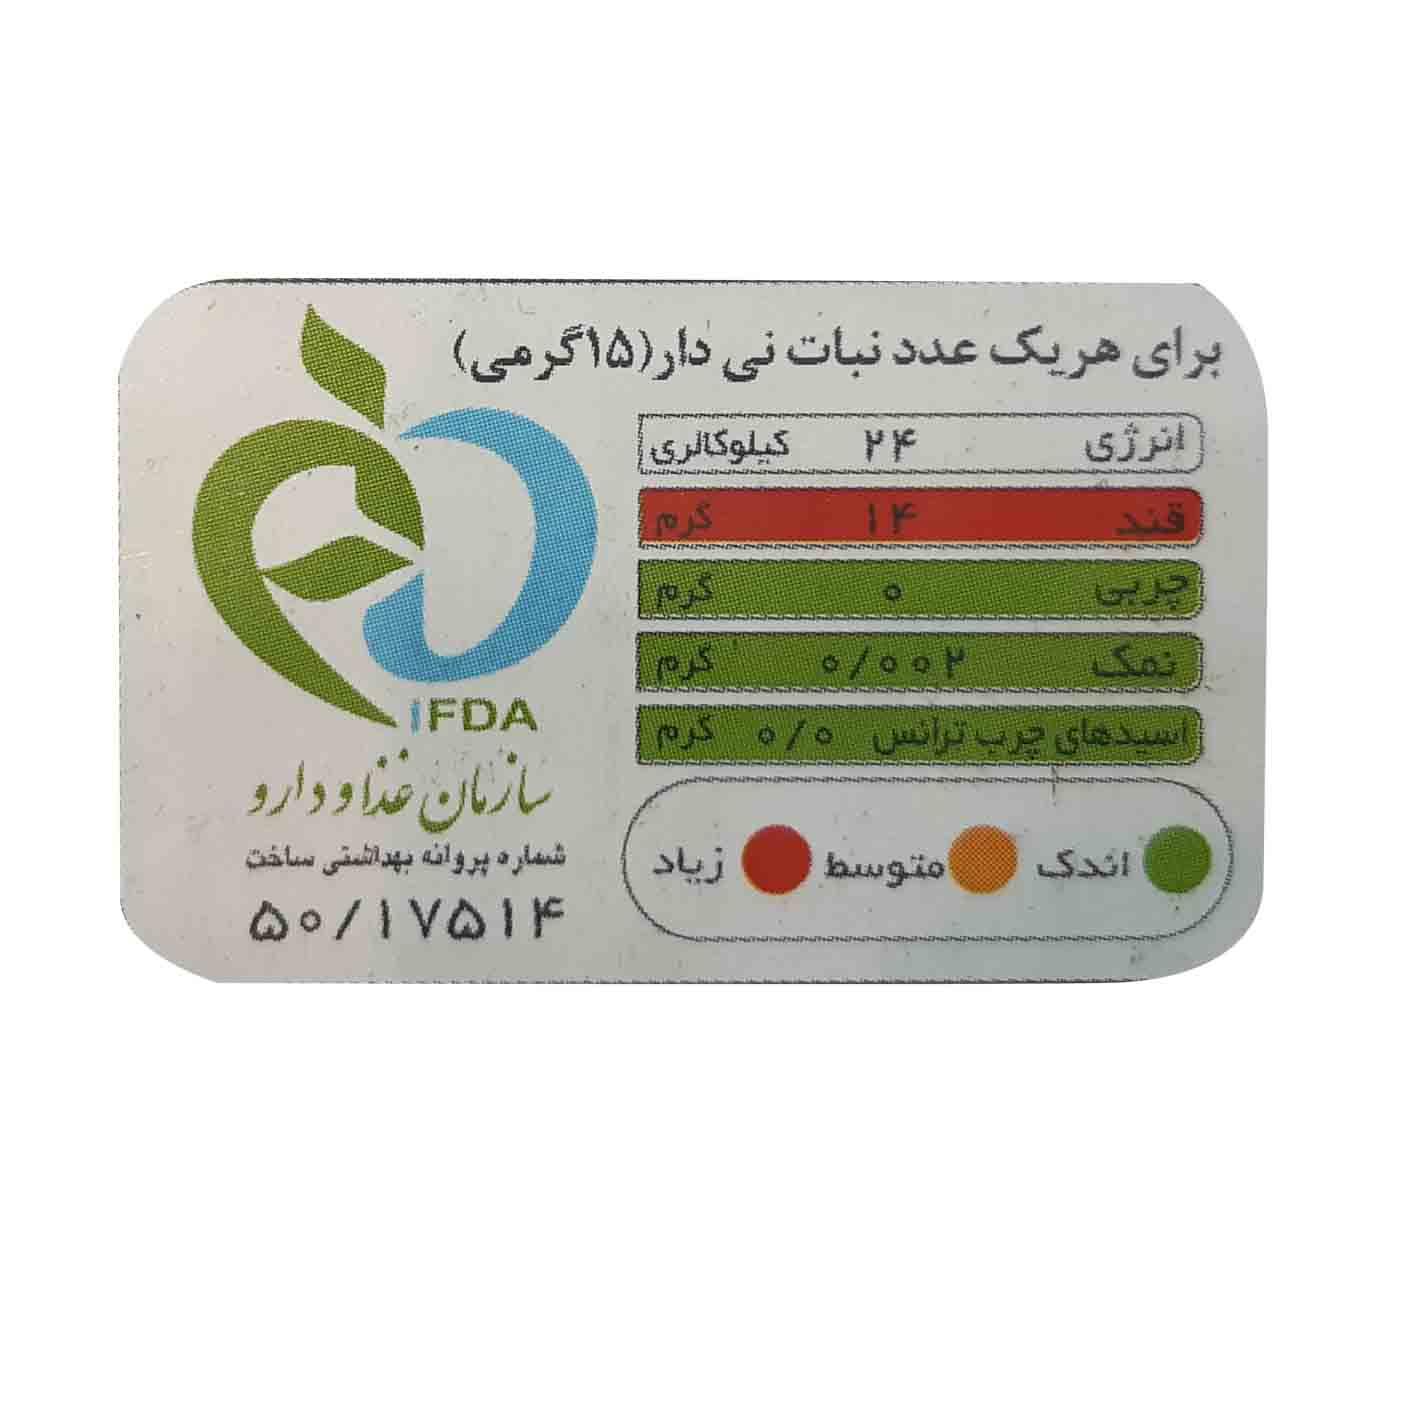 خرید اینترنتی با تخفیف ویژه نبات شاخه زعفرانی فرجاد - 500 گرم